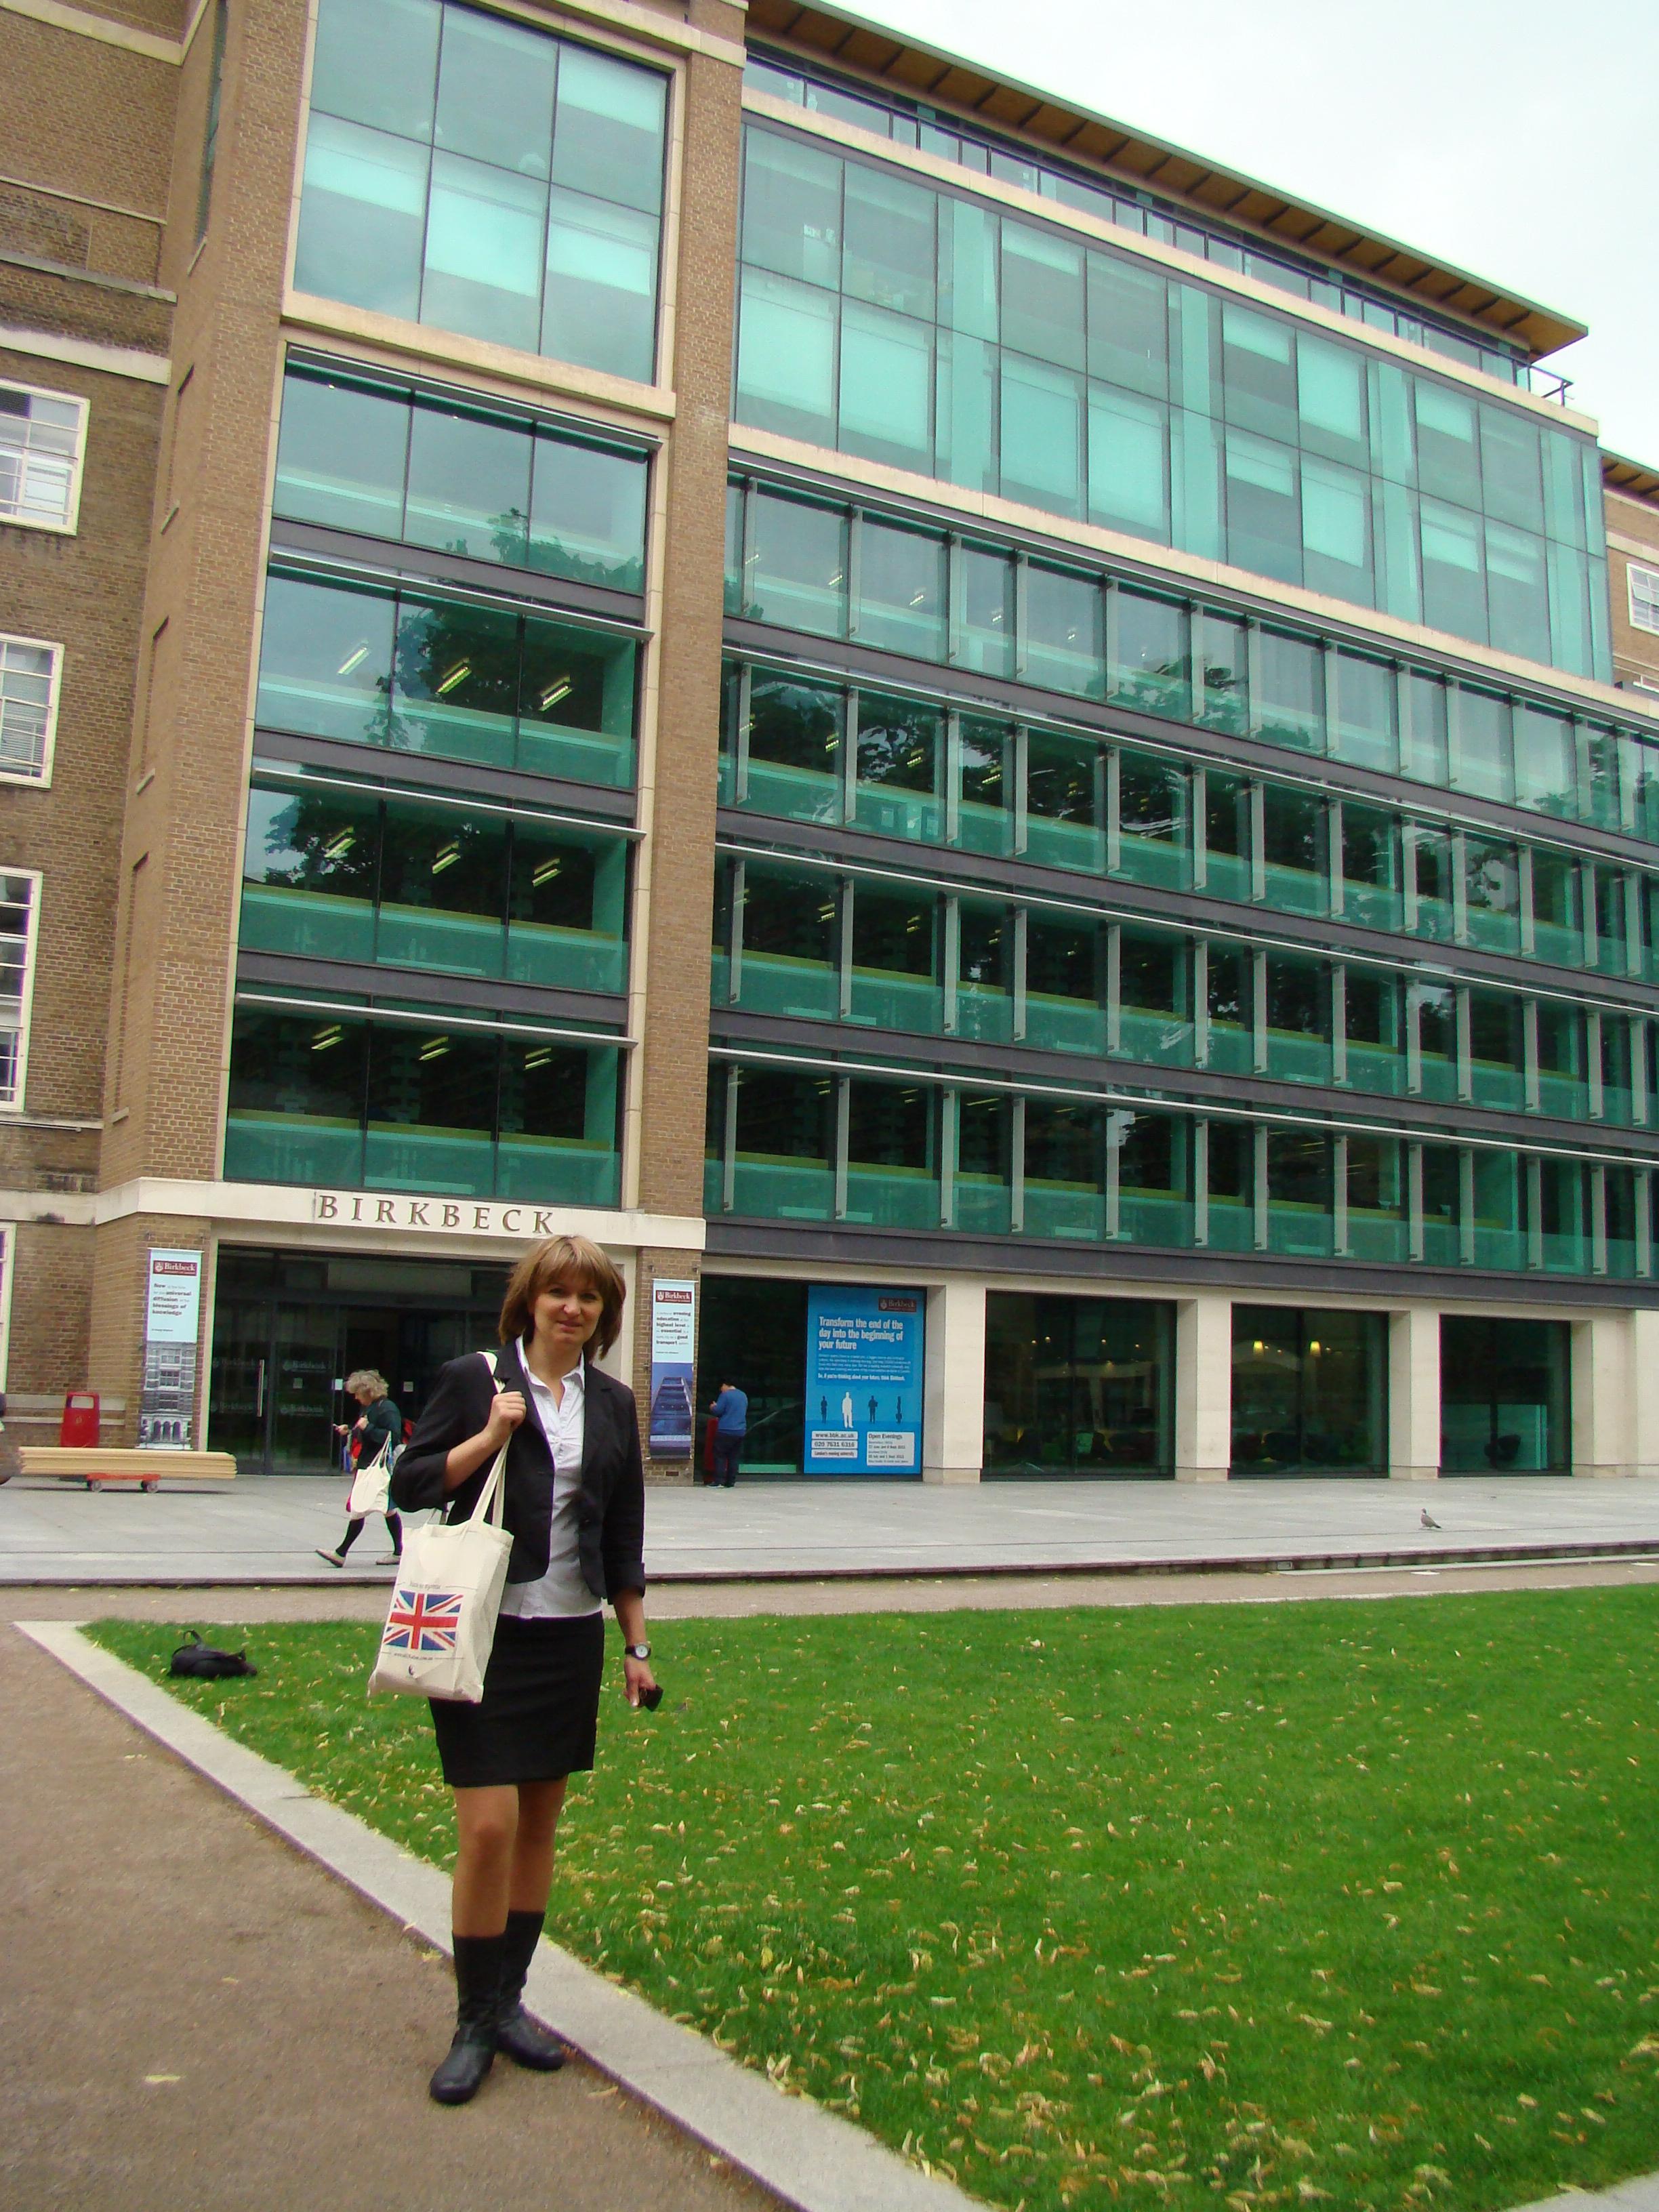 Я, Наталья Мюллер, возле Birkbeck University